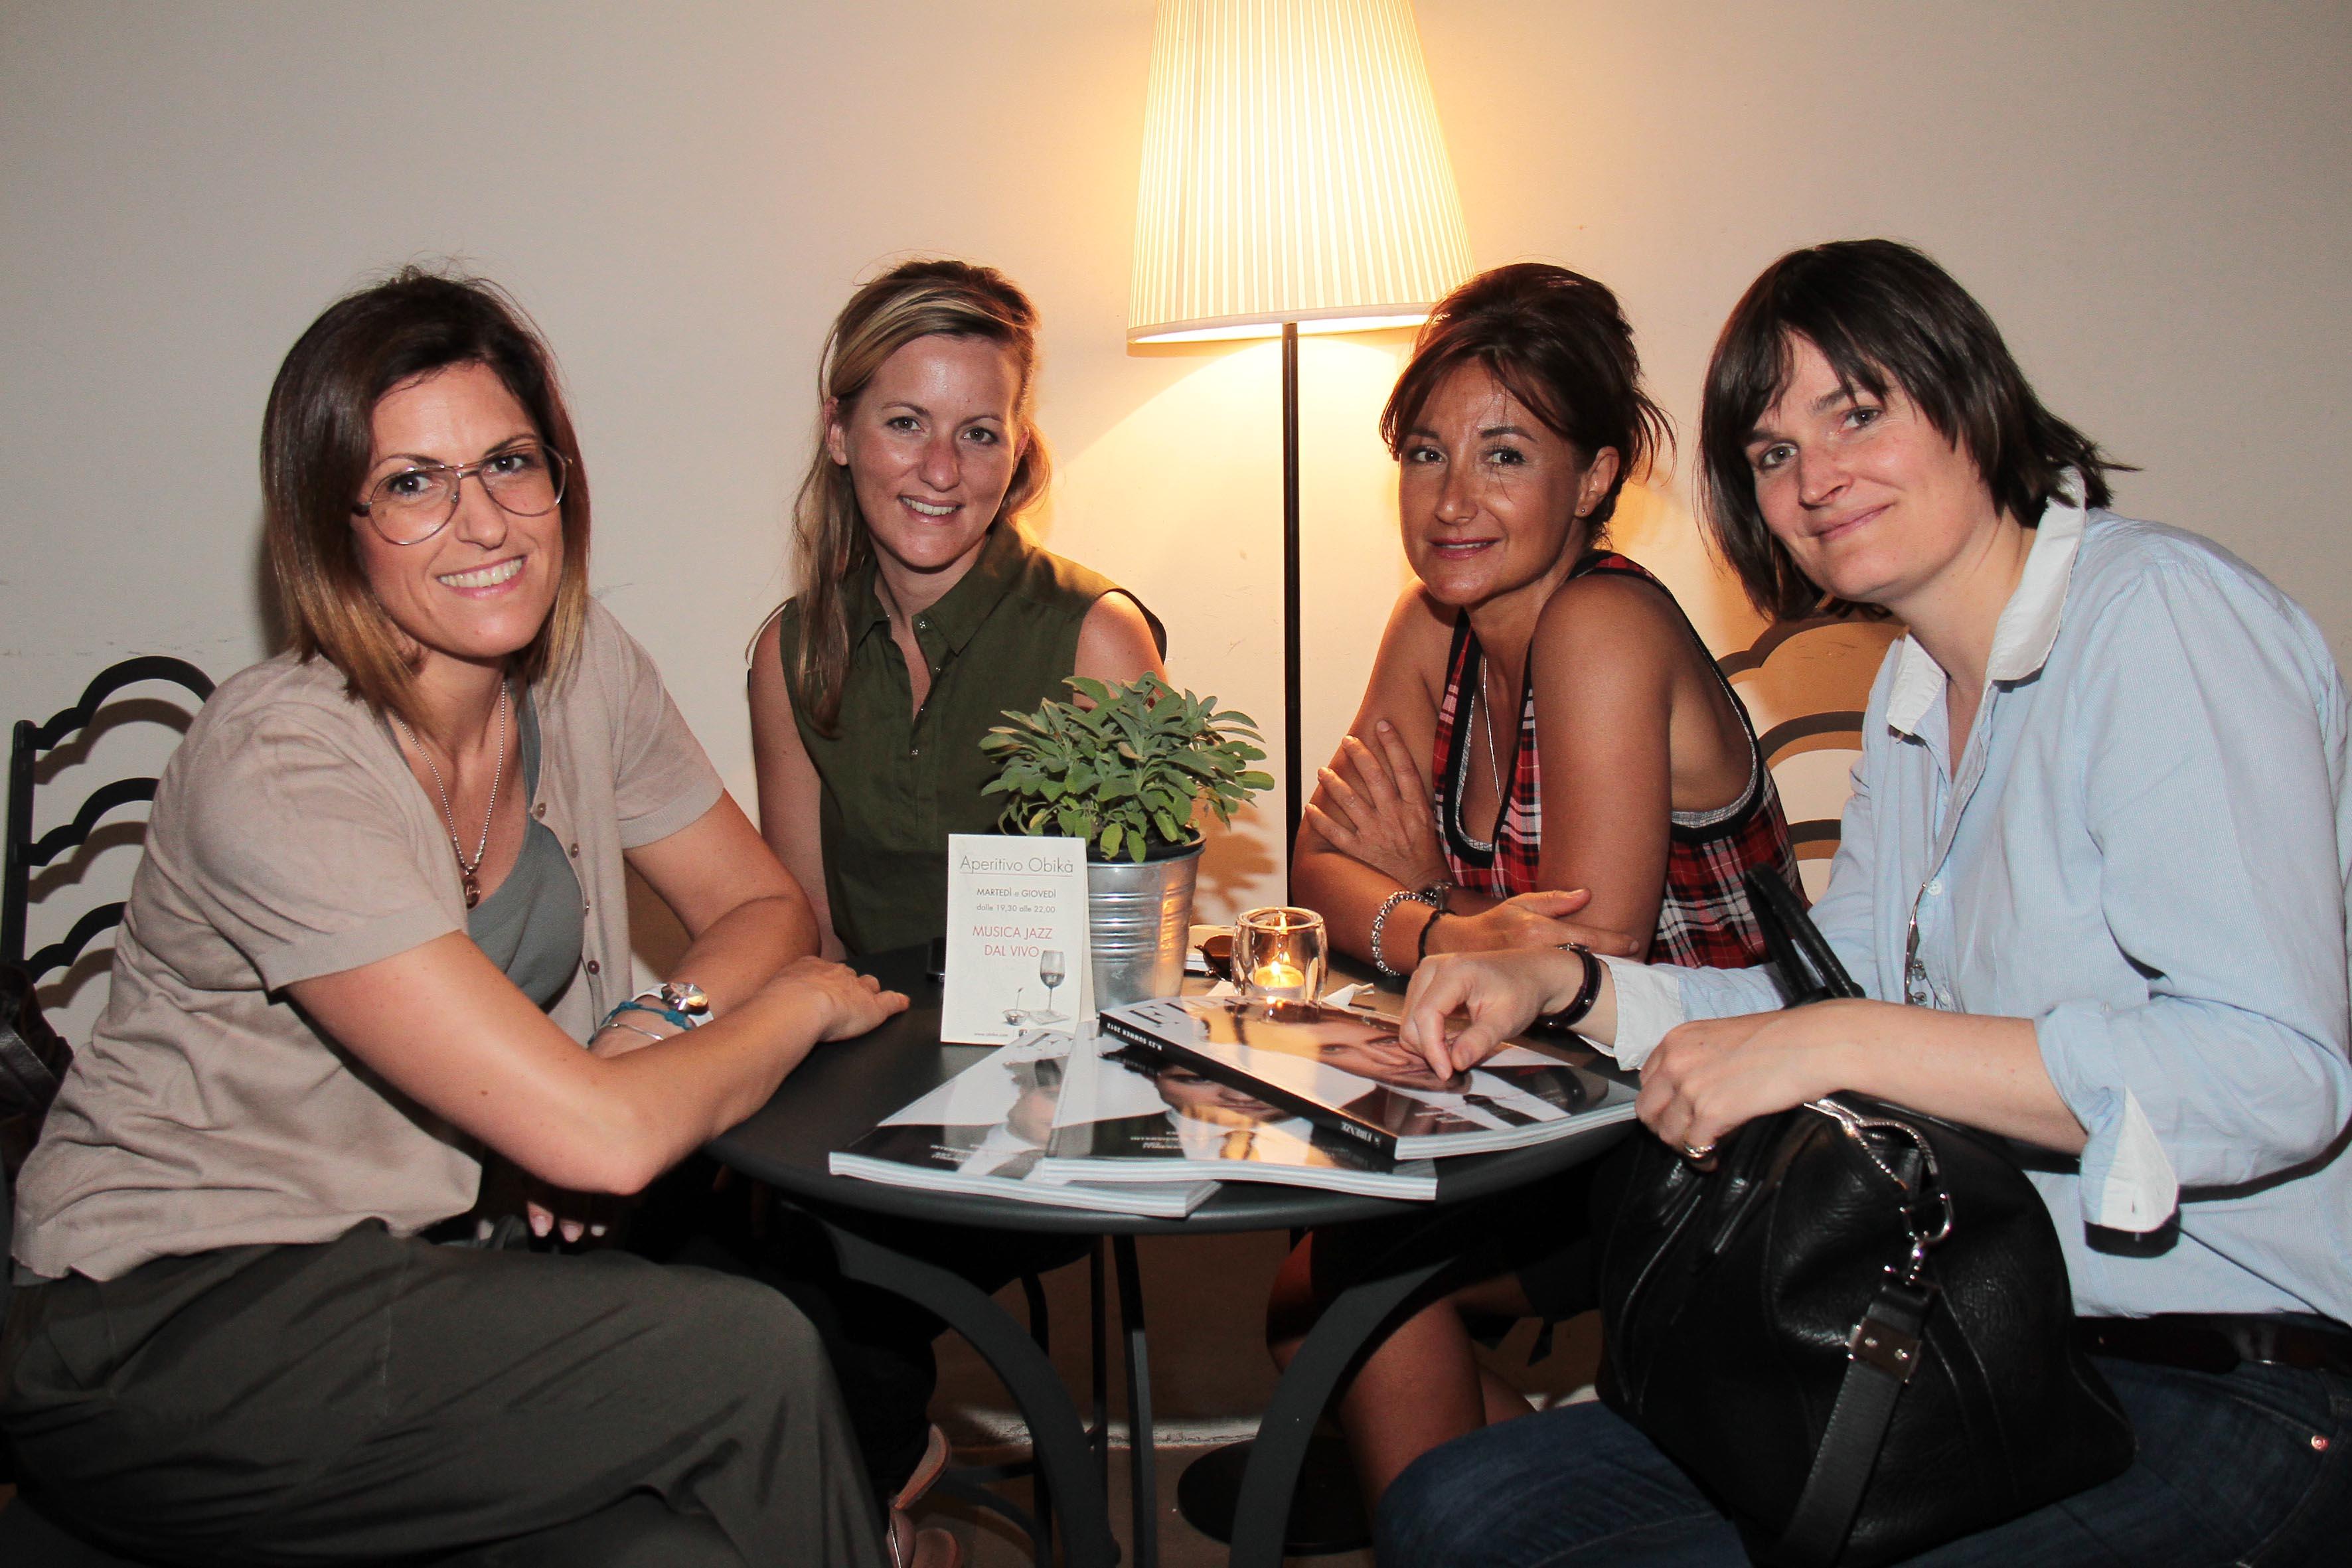 PRESSPHOTO Firenze, Obikà aperitivo. Nella foto Karine Di Placido, Aude Flohic, Laurence Valin e Elena Ghiselini  giuseppe cabras/new press photo